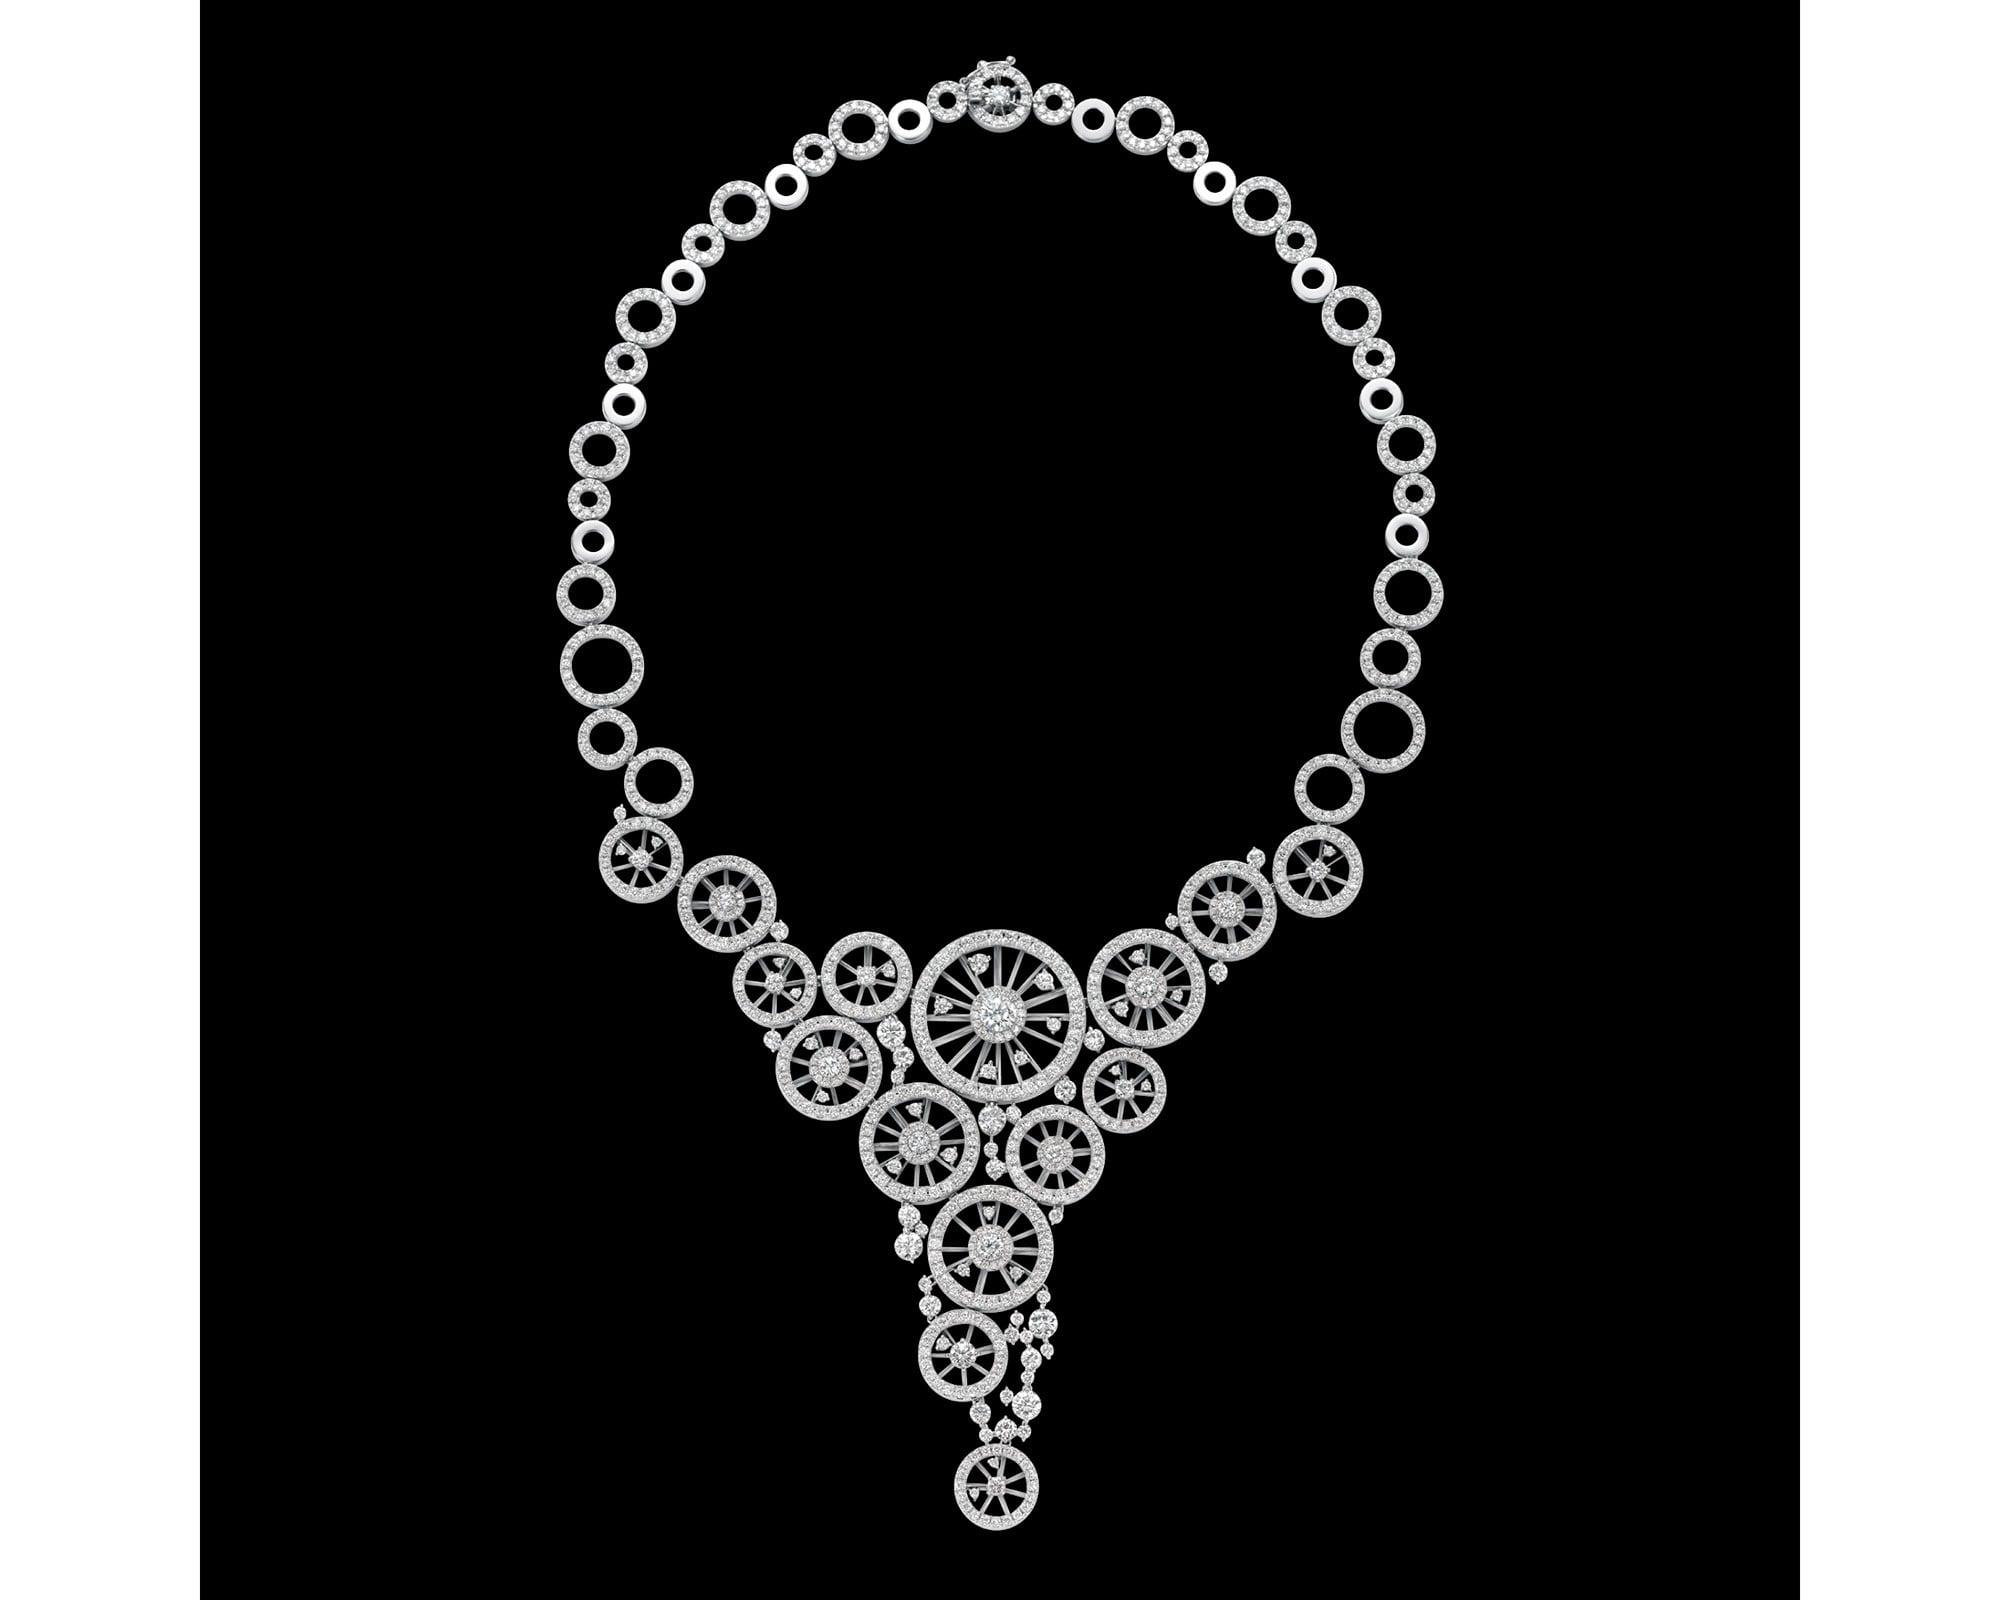 「かぐるま」ネックレス。 プラチナ・ダイヤモンド(0.50ct、14.00ct)。 18,000,000円 税別